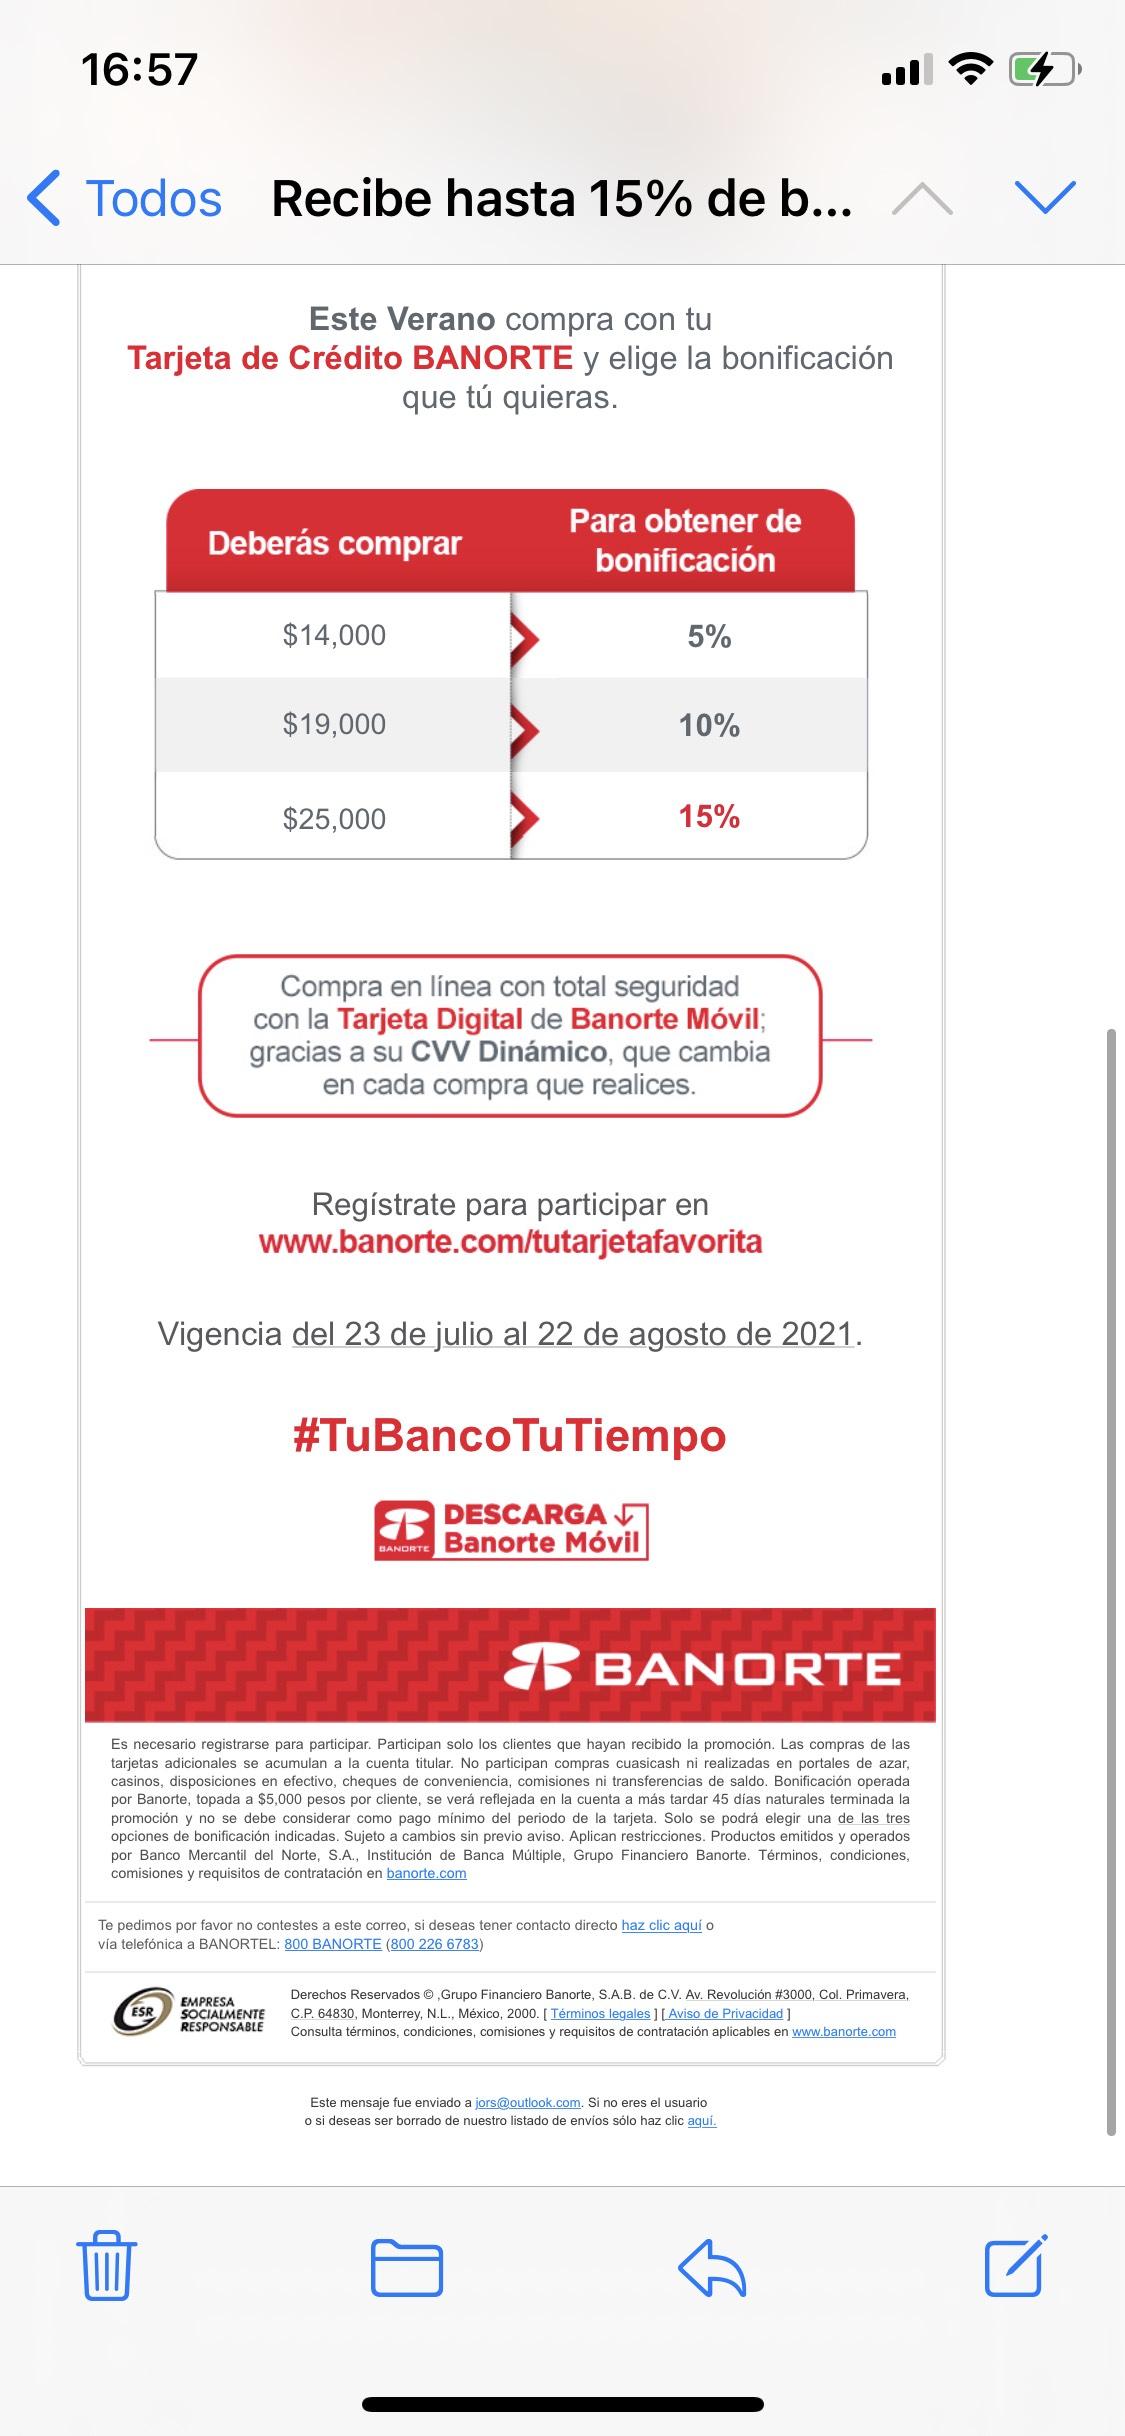 Banorte: Reembolso desde el 5% hasta el 15%, usuarios seleccionados